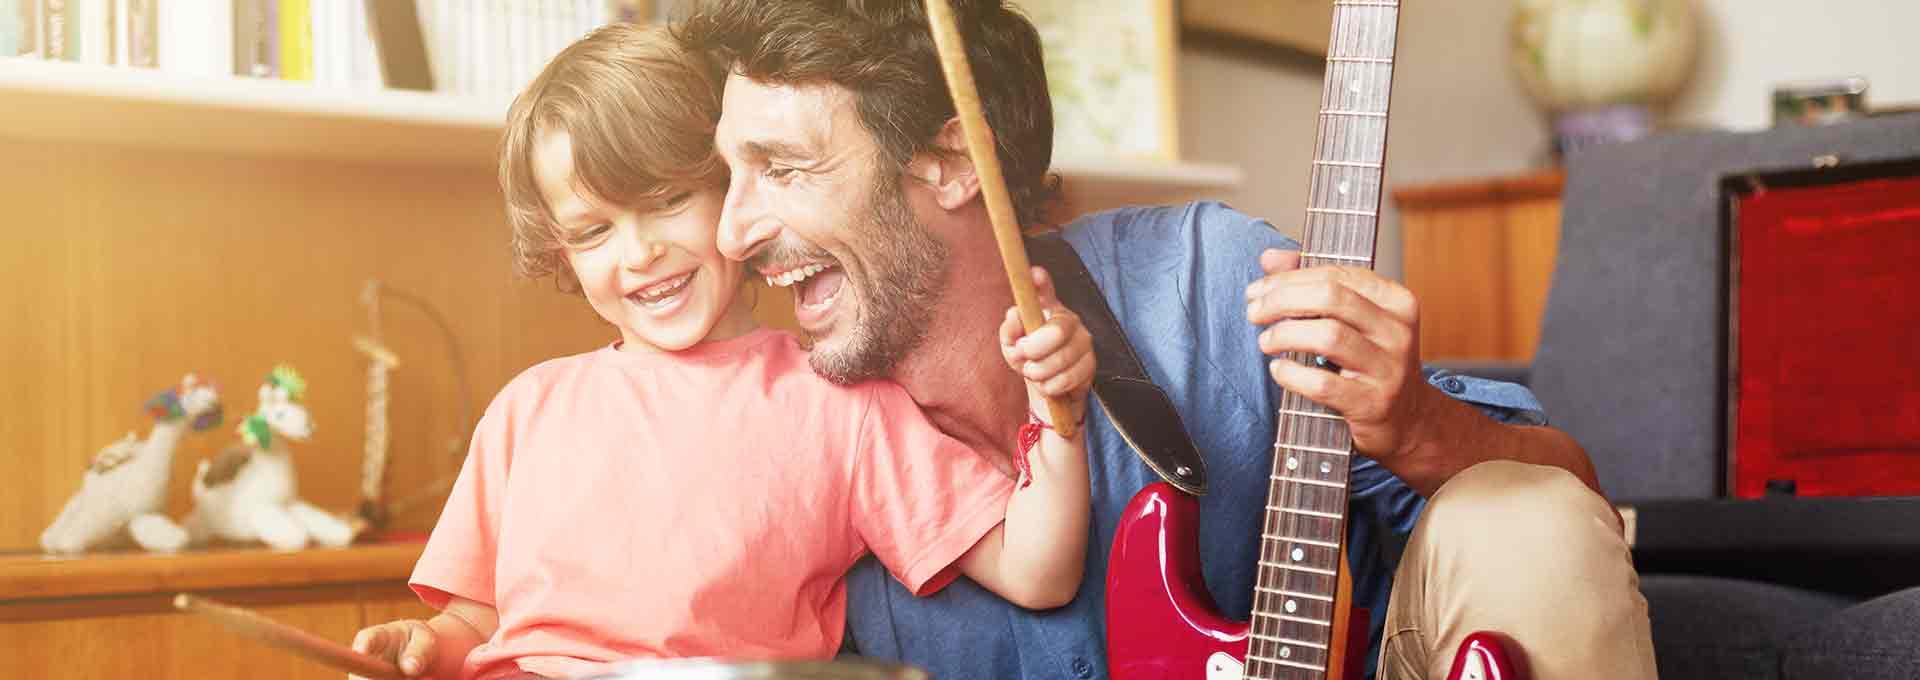 Ojciec noszący aparaty Bernafon Viron gra na gitarze razem z pięcioletnim synem-perkusistą ciesząc się wspólną chwilą.